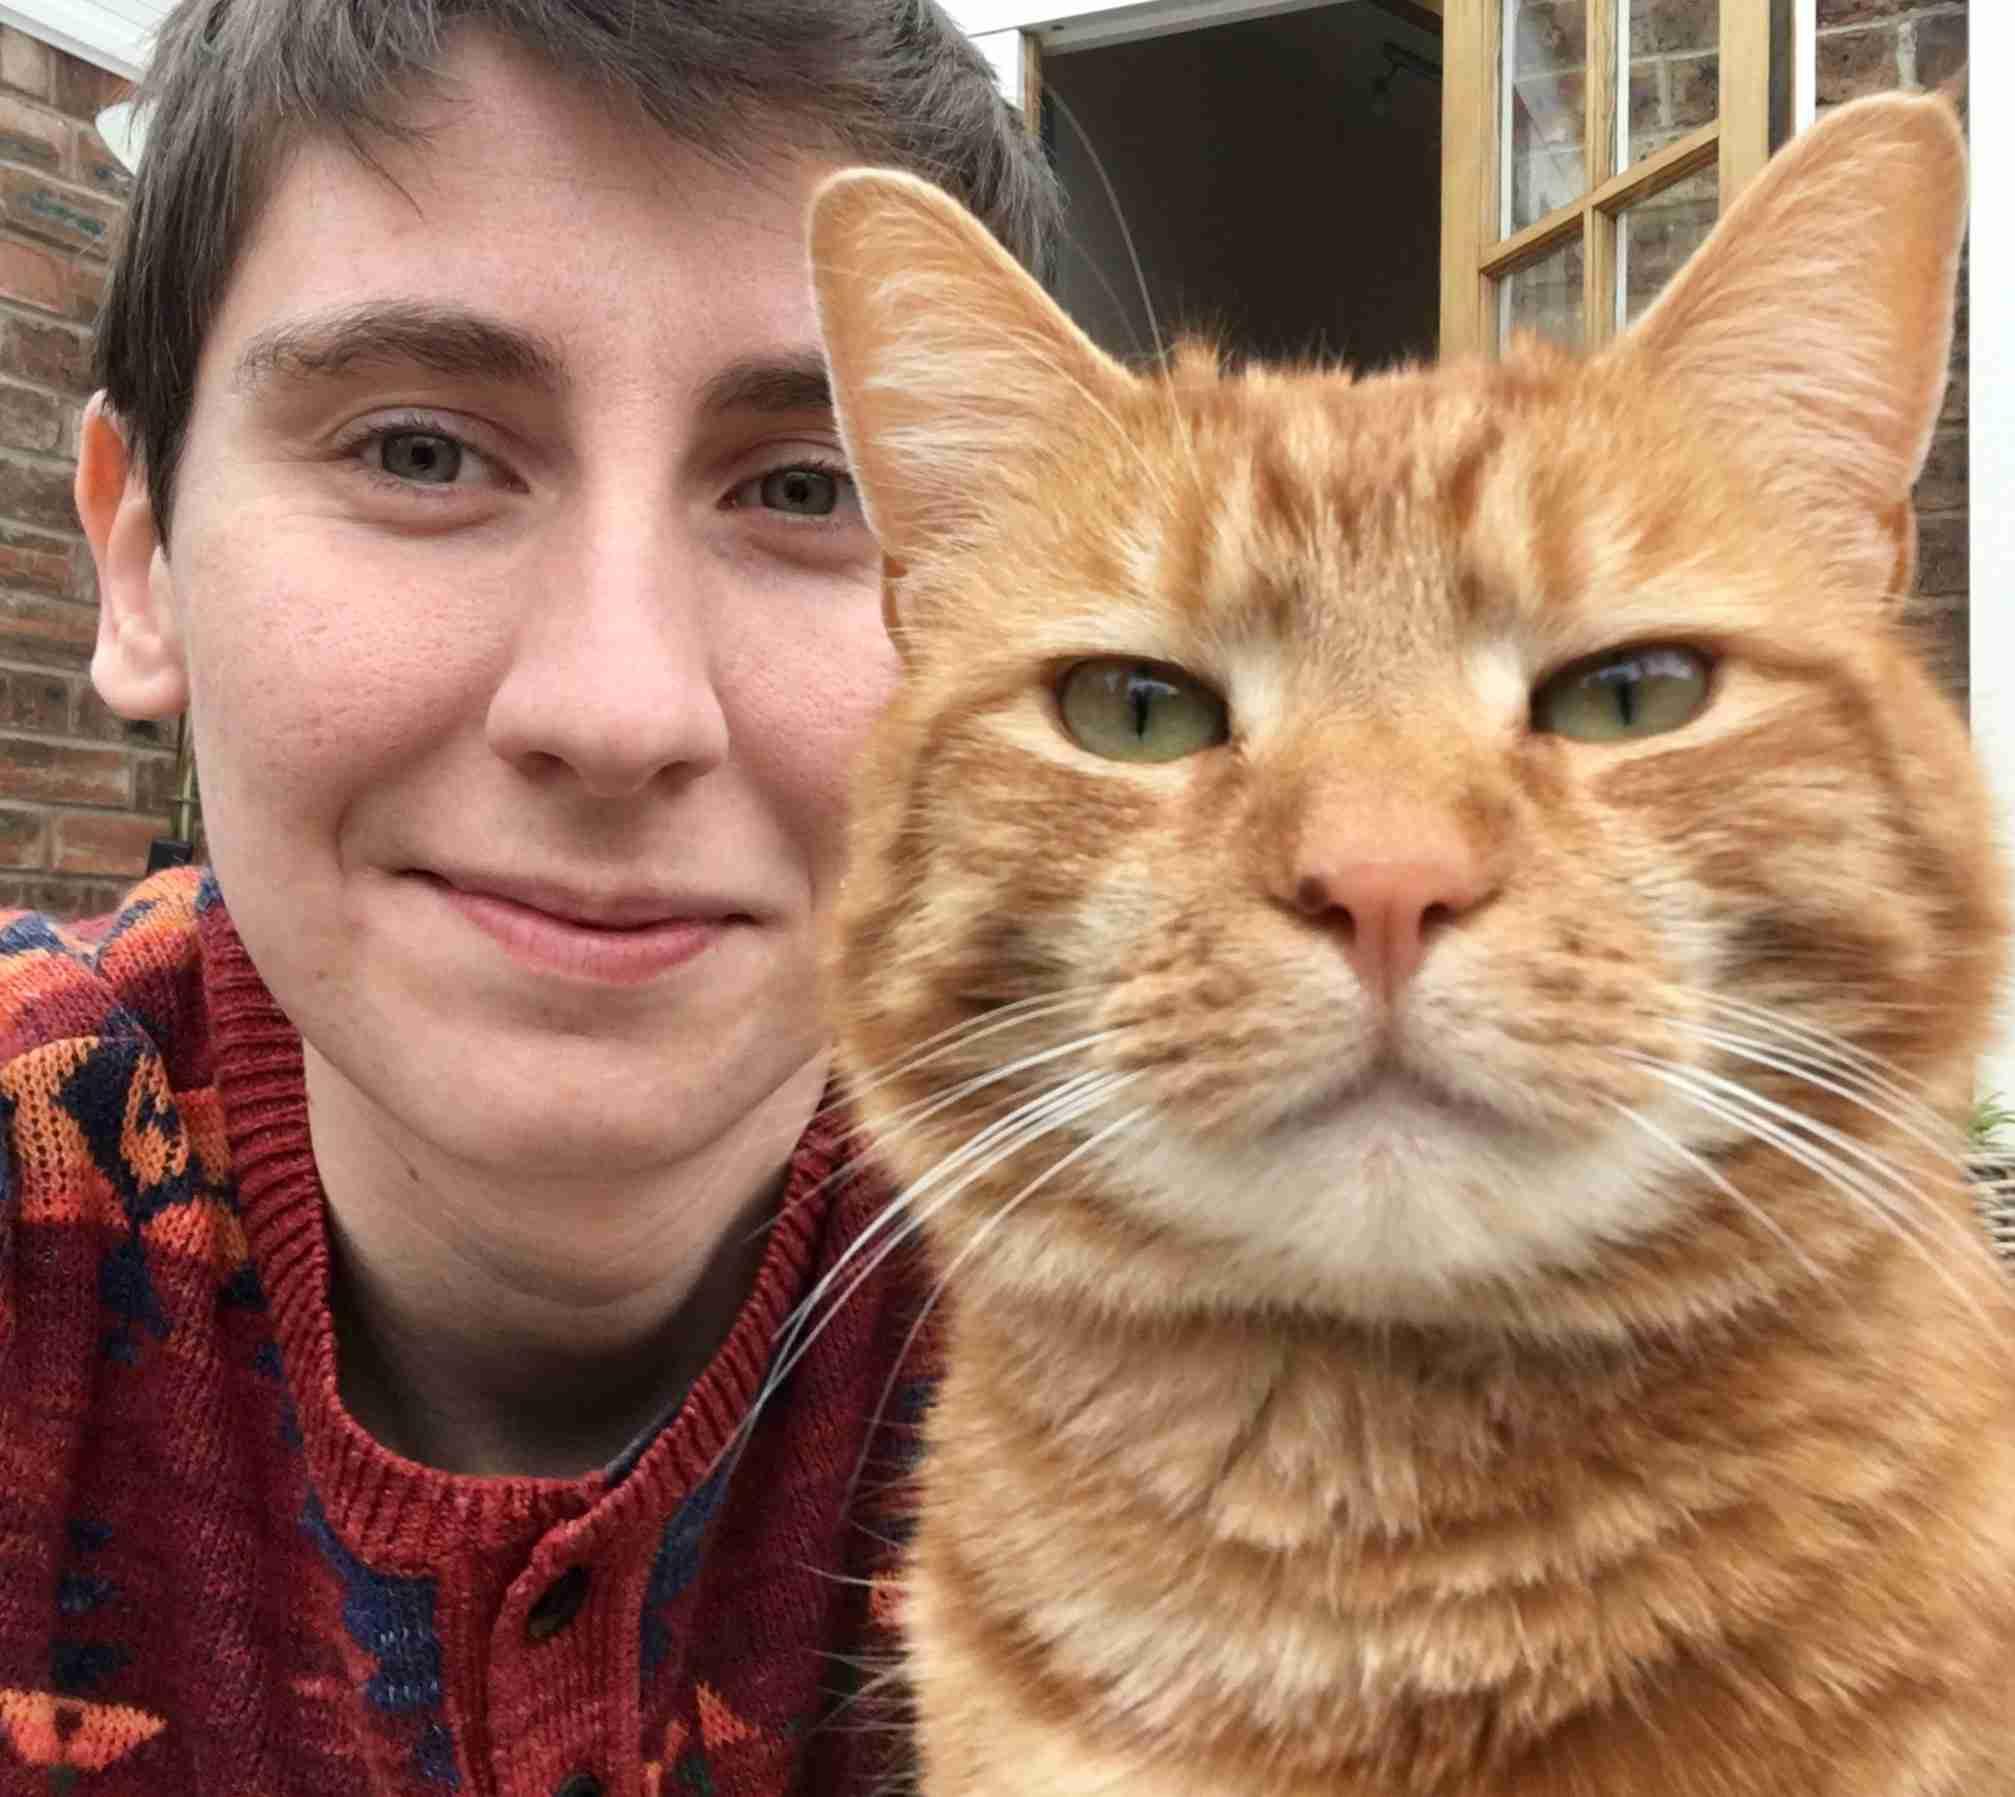 Harriet and her cat